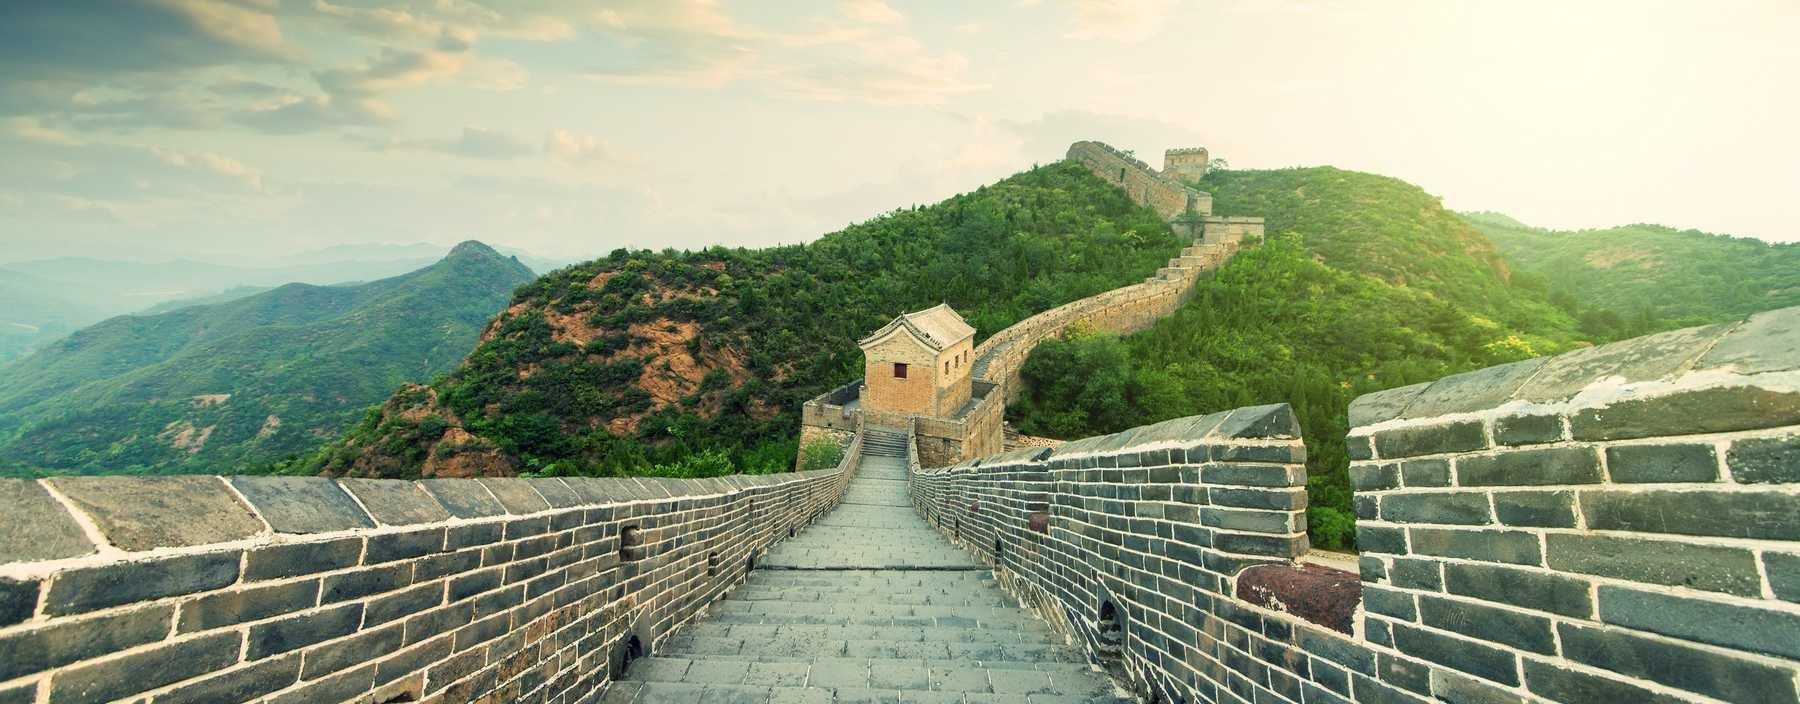 cn, beijing, grote muur (4).jpg